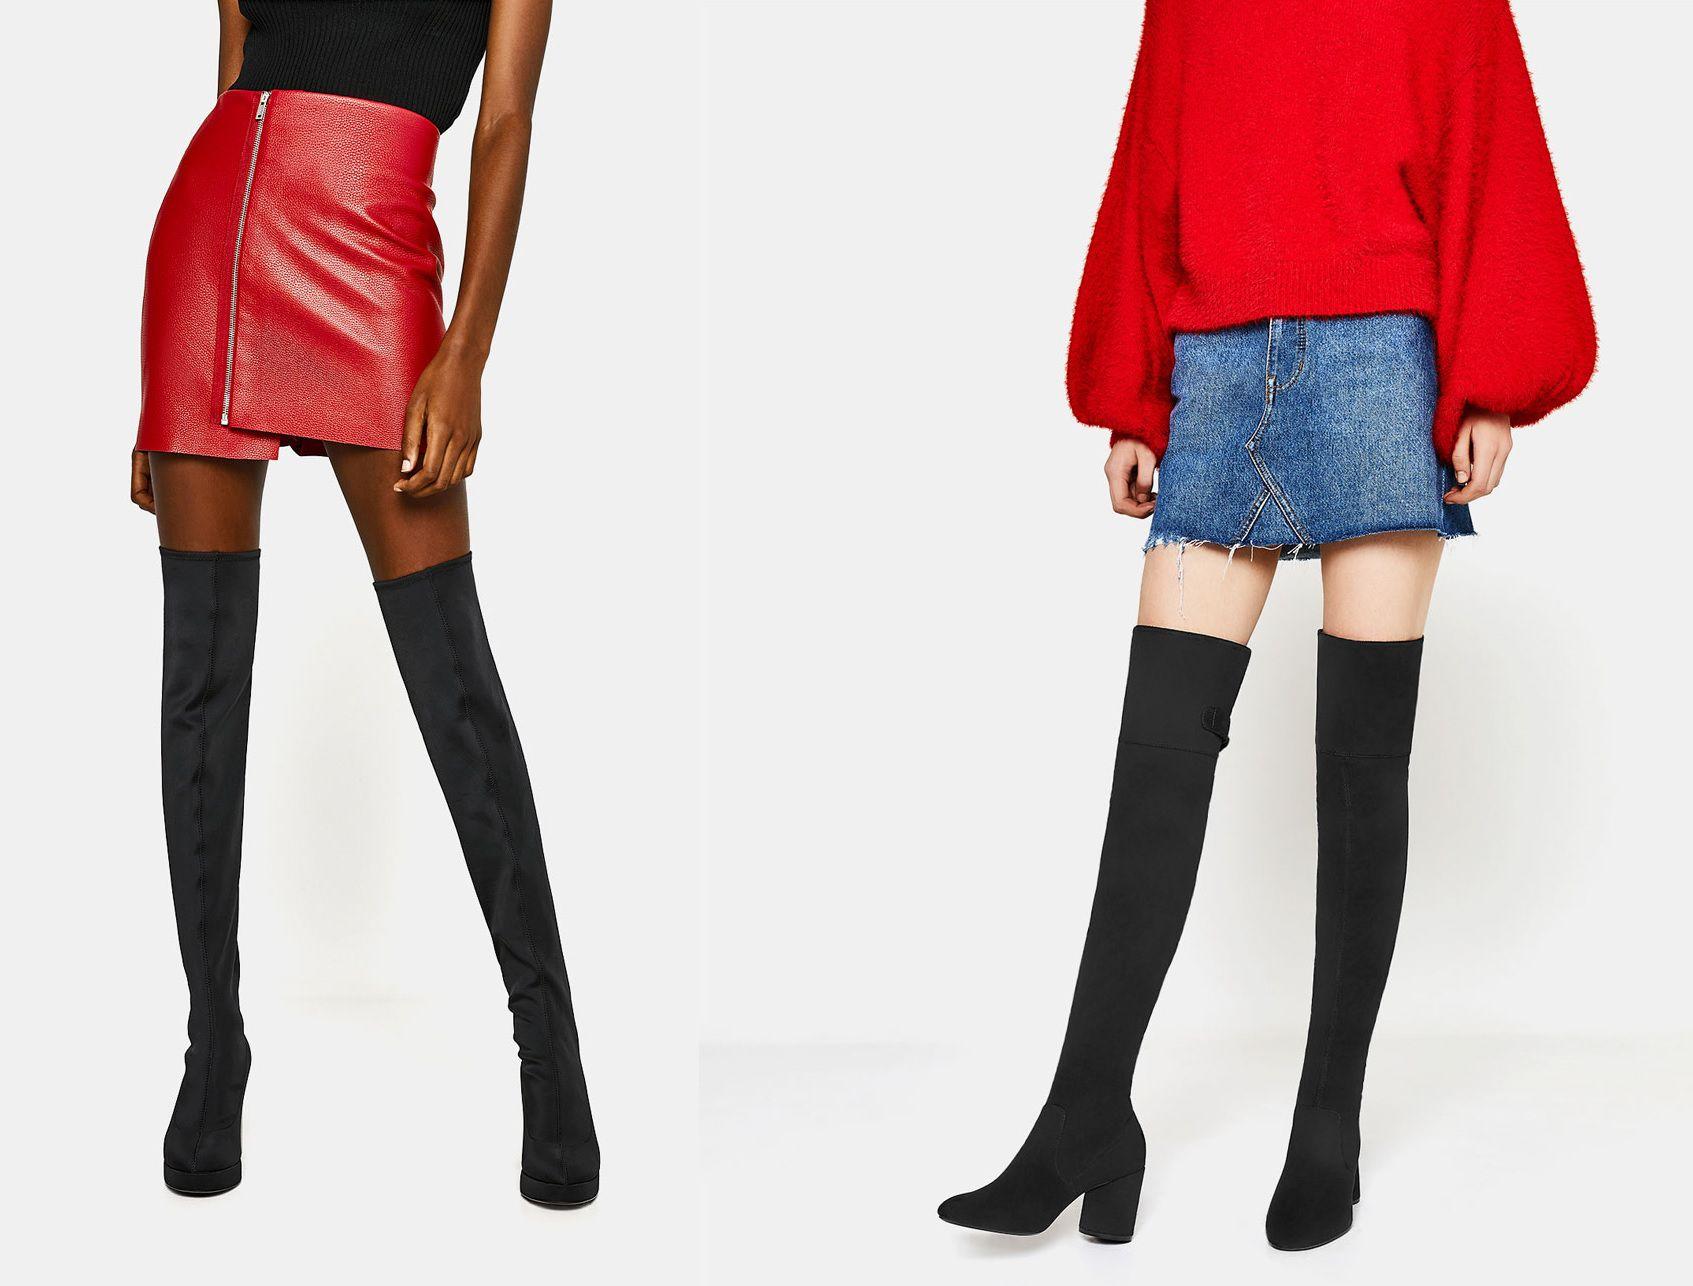 U njima izgledate najseksepilnije: Pronašli smo najljepše čizme iznad koljena, a neke su i na sniženju!